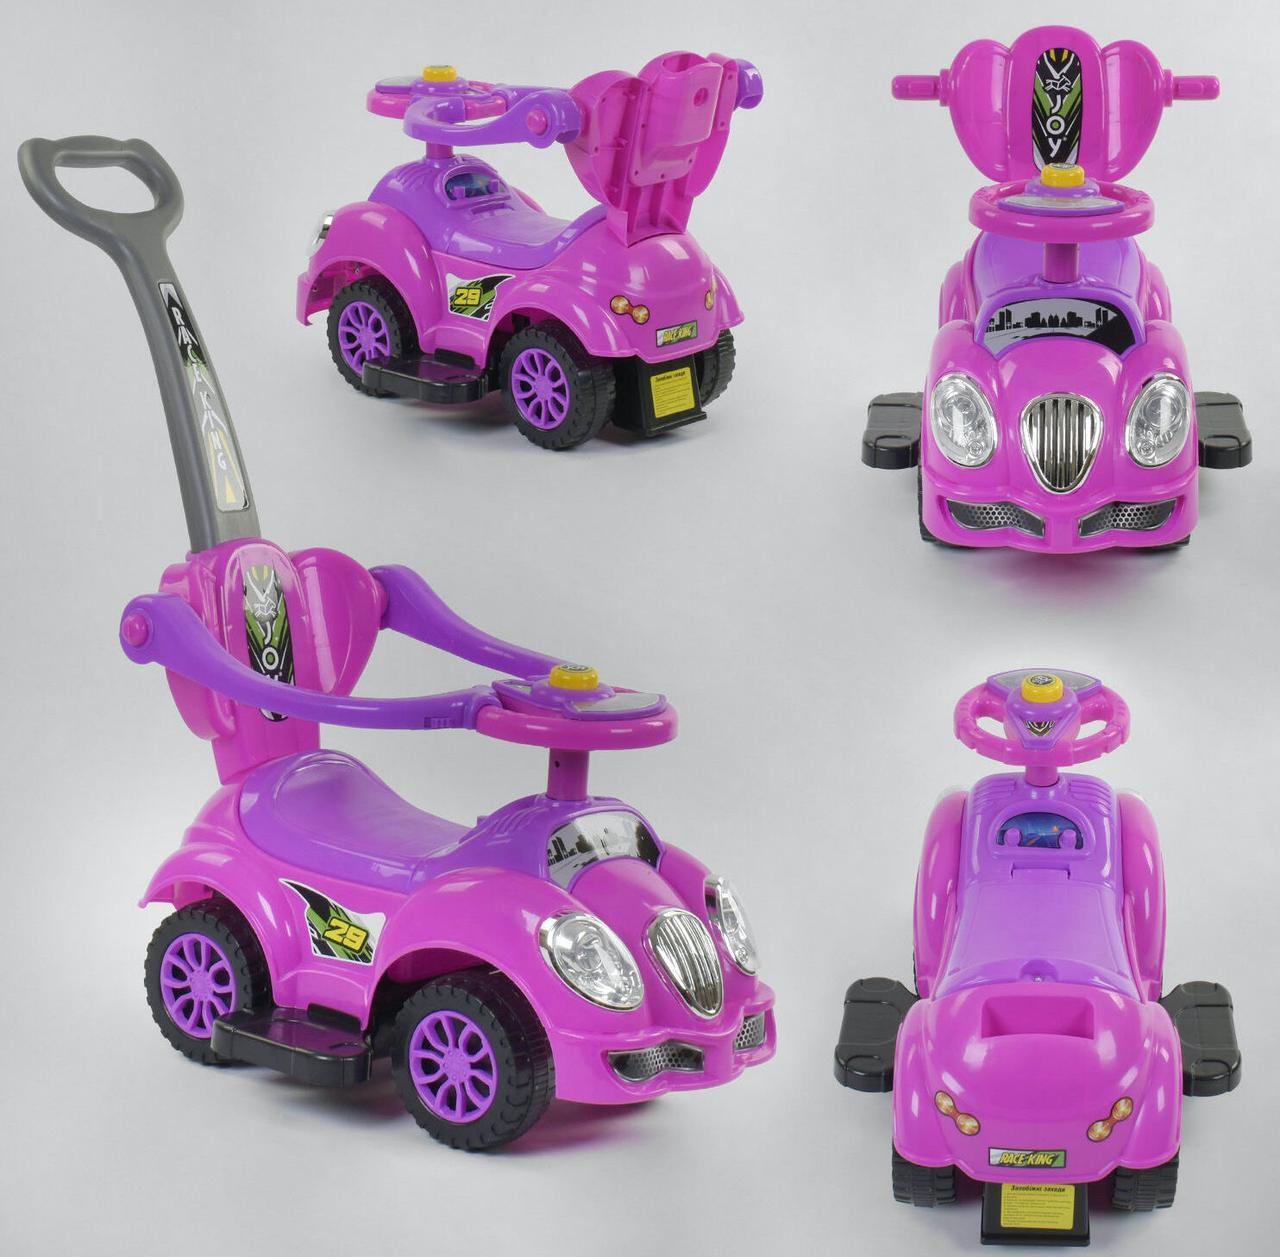 Машина-толокар 09-101 - цвет розовый, родительская ручка, 5 мелодий, съемный защитный бампер, багажник